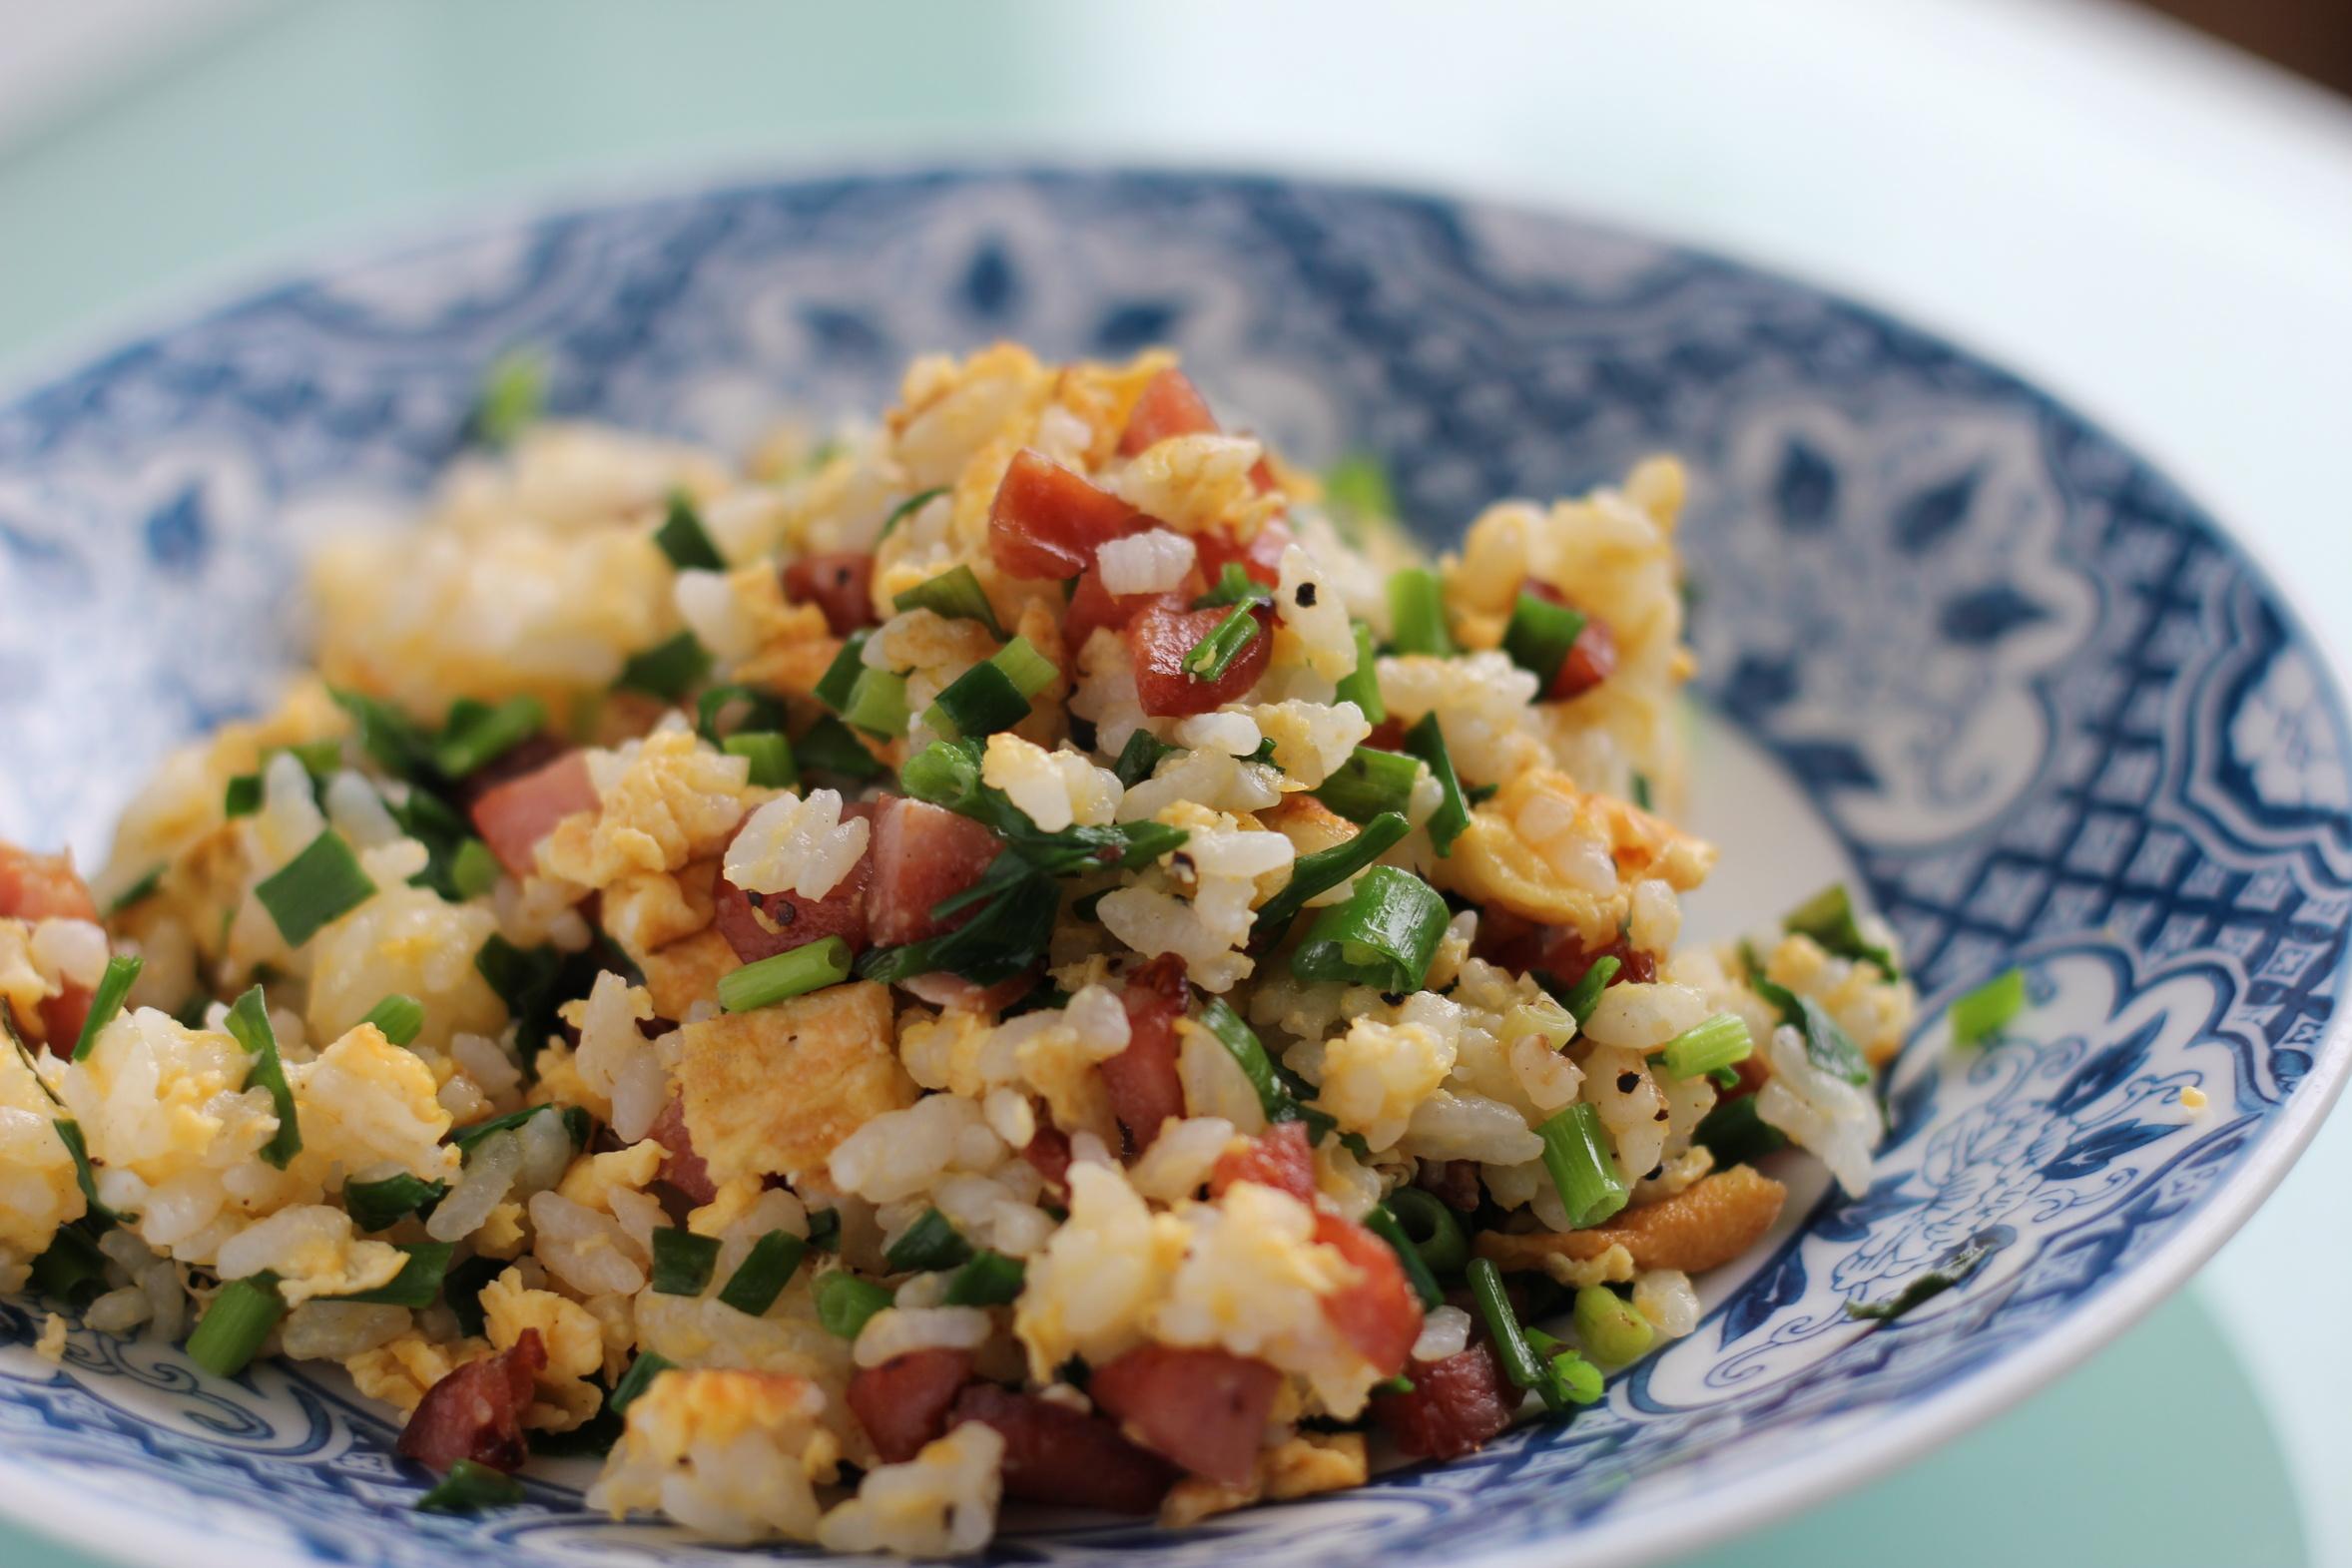 Une recette anti-gaspi savoureuse : le riz aux petits pois et aux saucisses façon cantonais